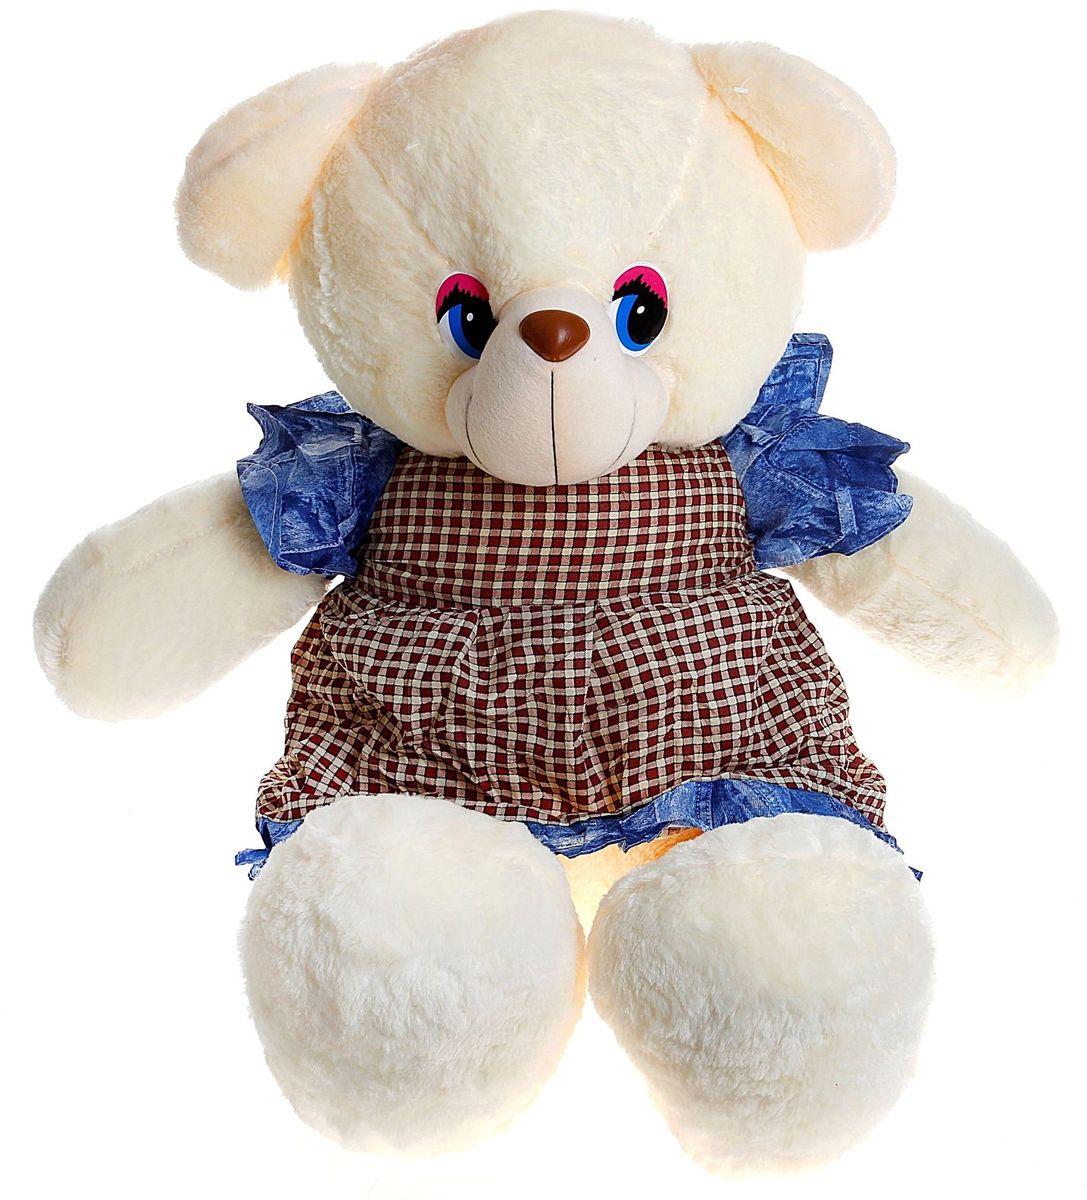 Купить Sima-land Мягкая игрушка Медведь в платье с джинсовыми вставками 80 см 1034156, Сима-ленд, Мягкие игрушки